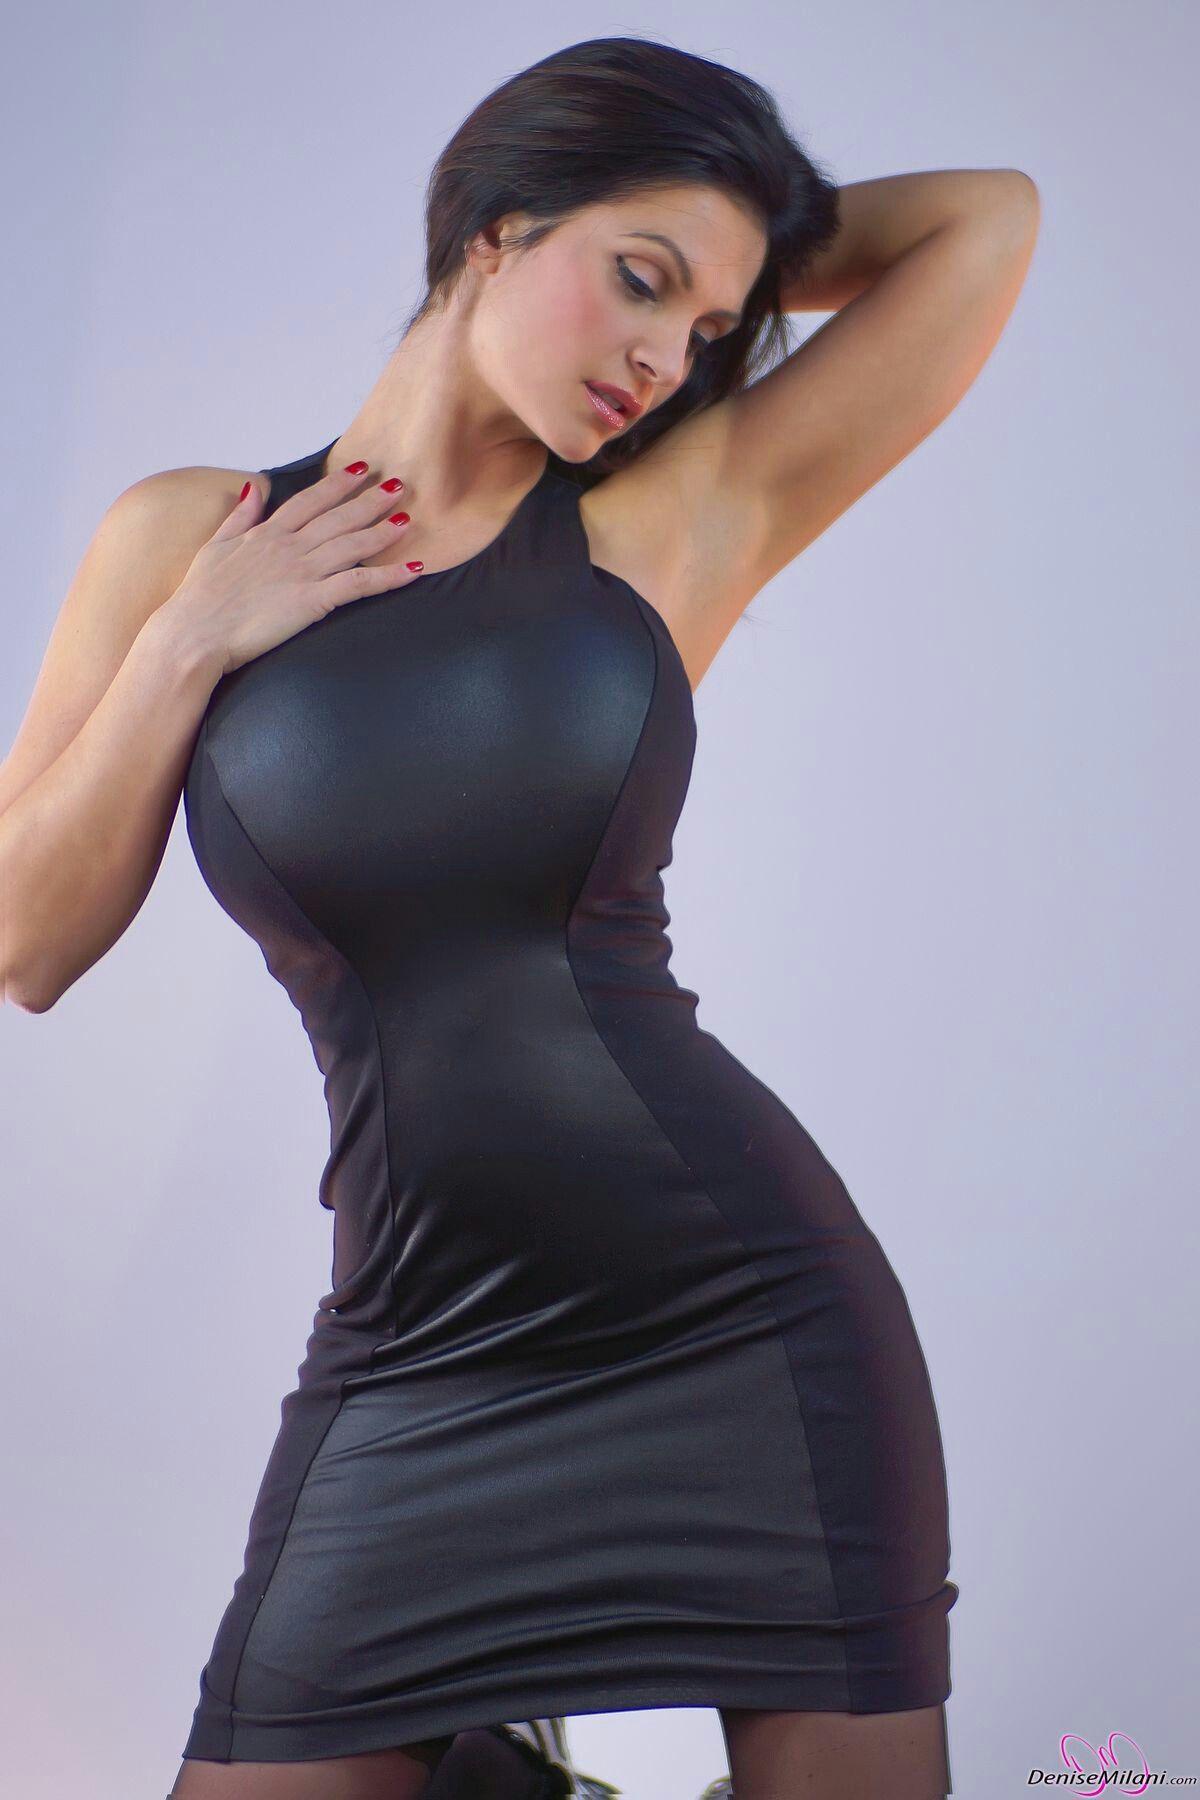 Plus size lingerie archives